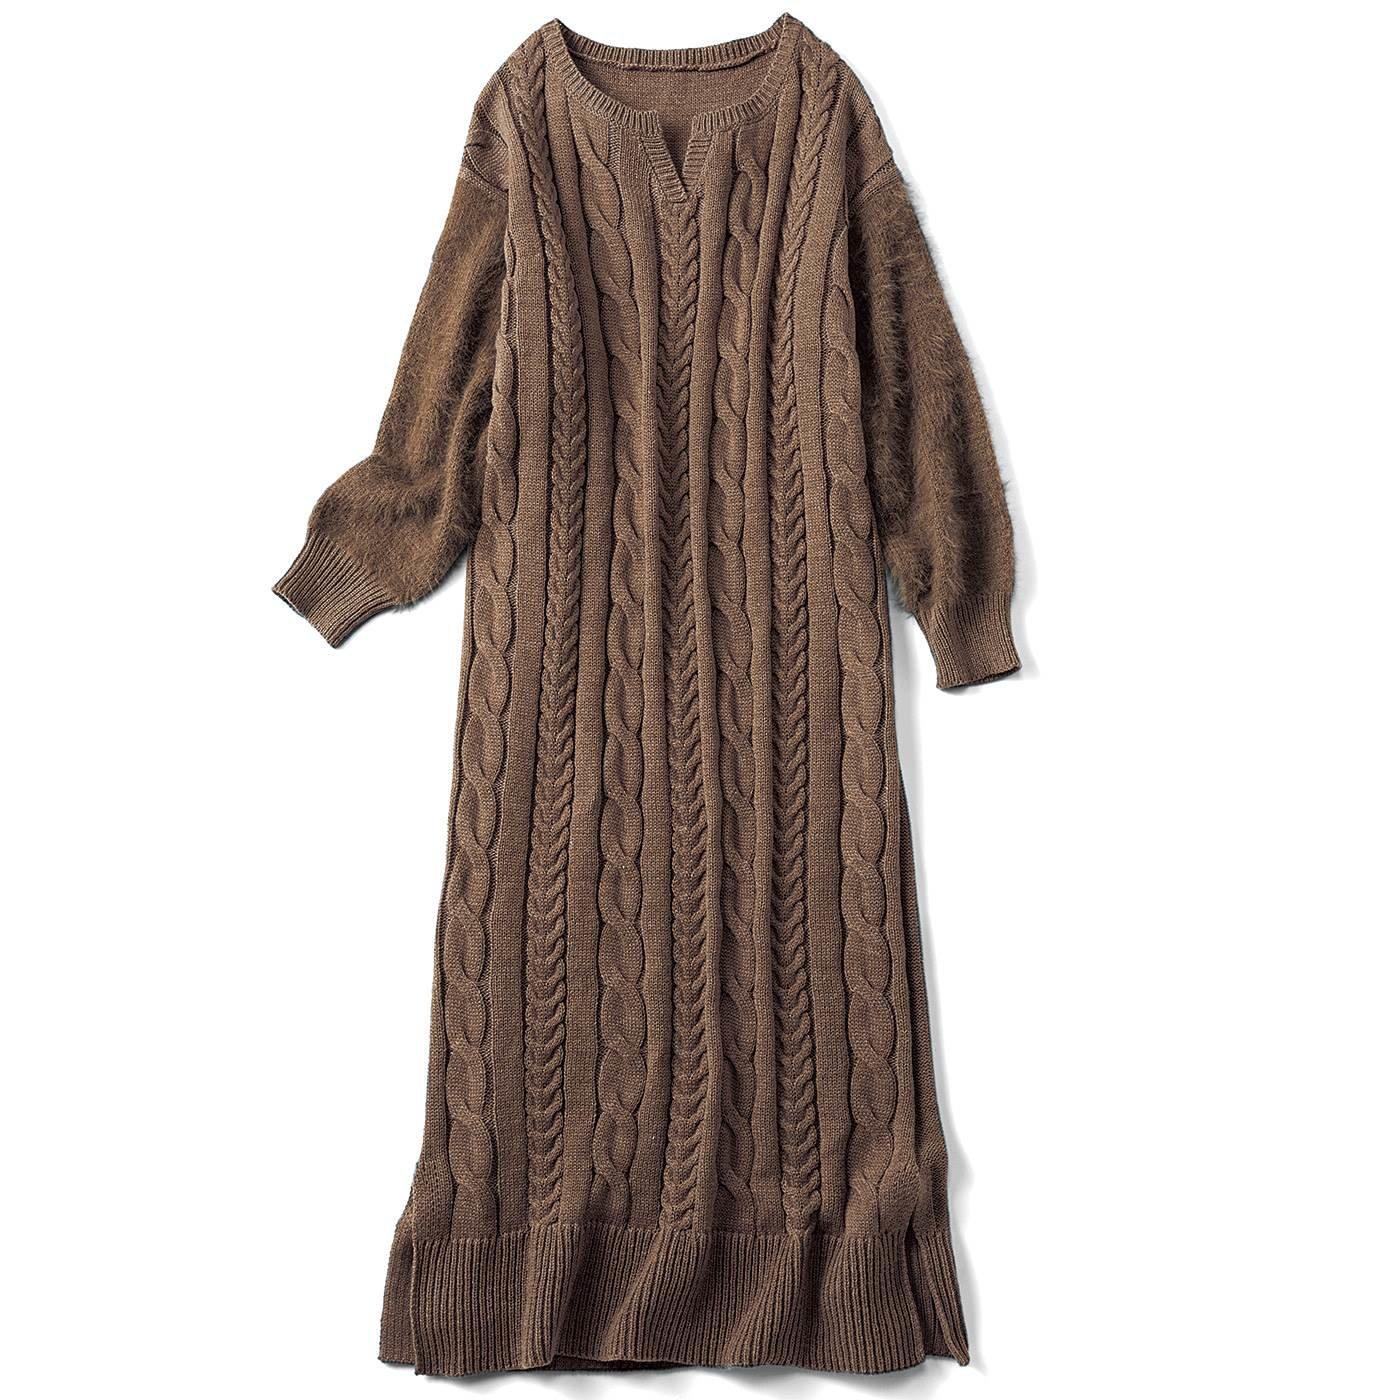 リブ イン コンフォート すぽんと着るだけコーデ完成! シャギー遣いの華やかケーブルニットワンピース〈ベージュ〉